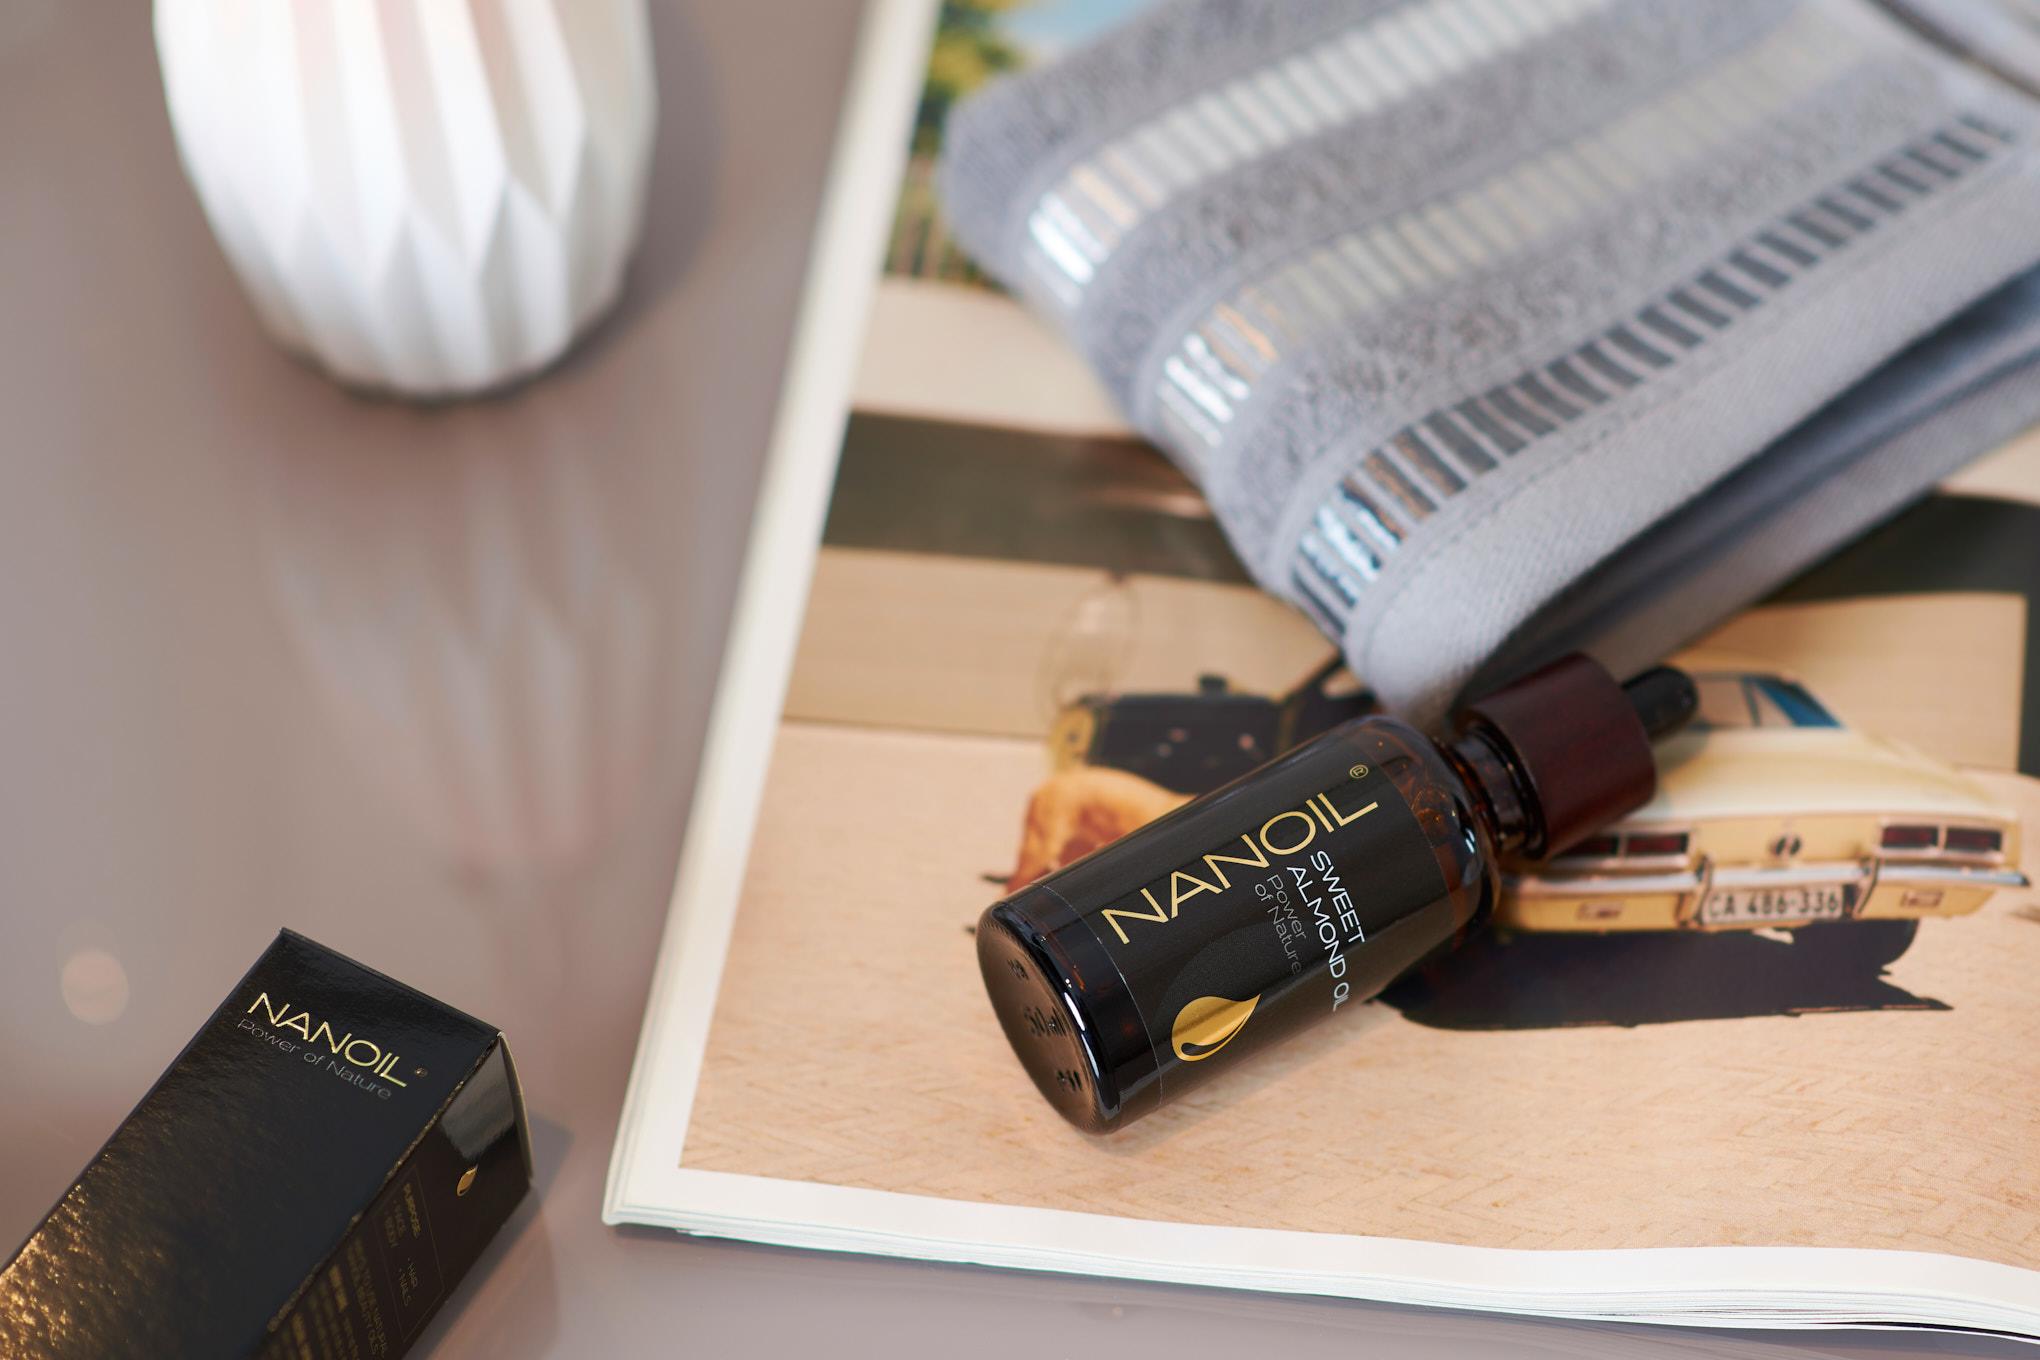 najlepszy olej migdałowy nanoil